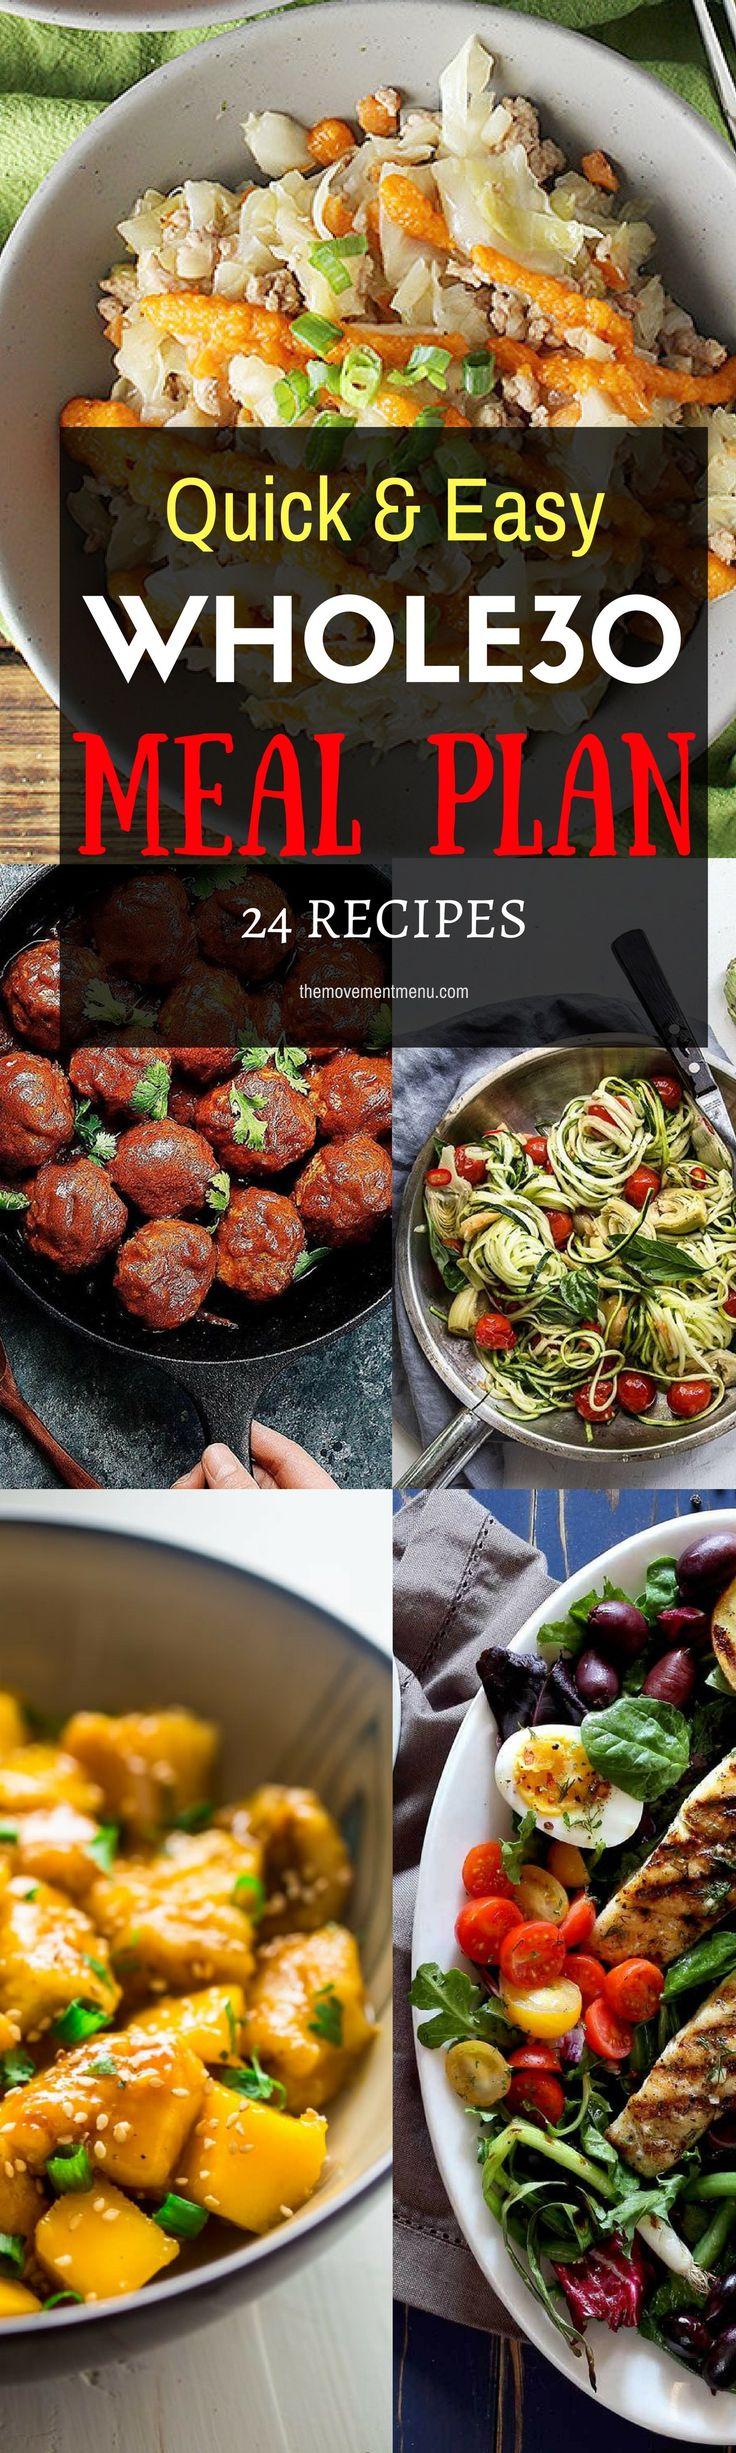 Fat loss crock pot recipes image 4